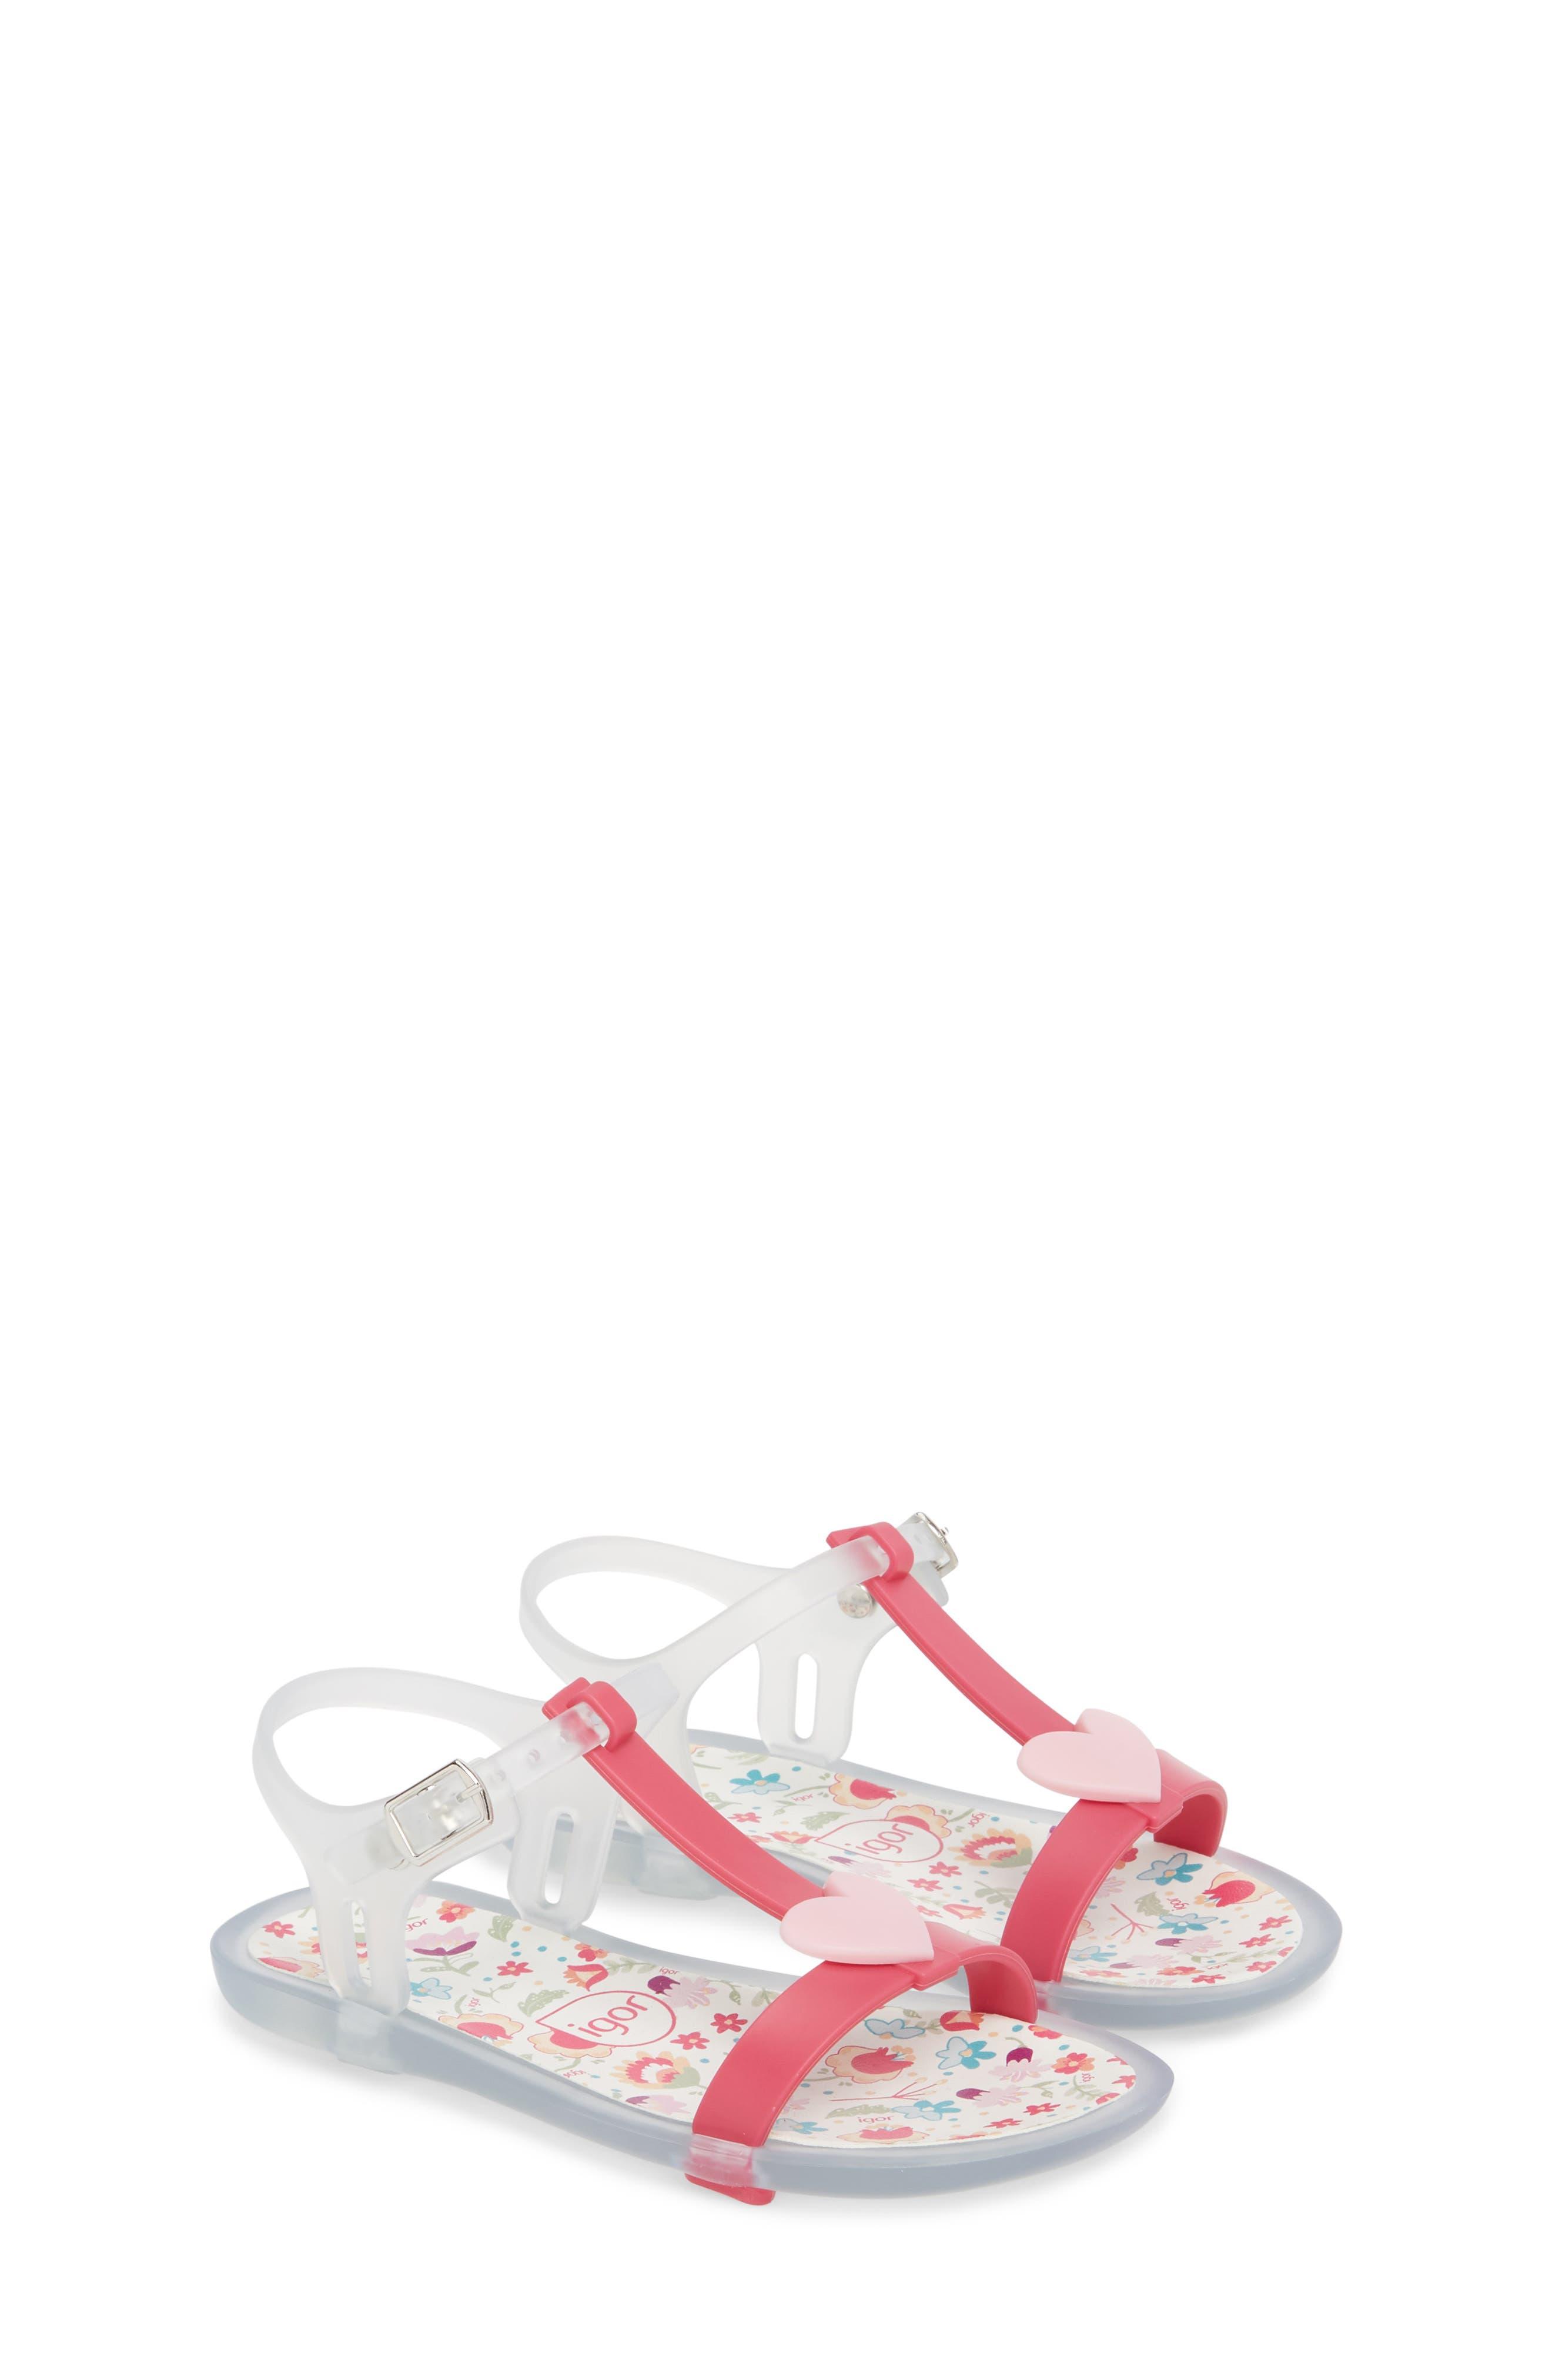 Tricia Cuore T-Strap Sandal,                         Main,                         color, Fuchsia